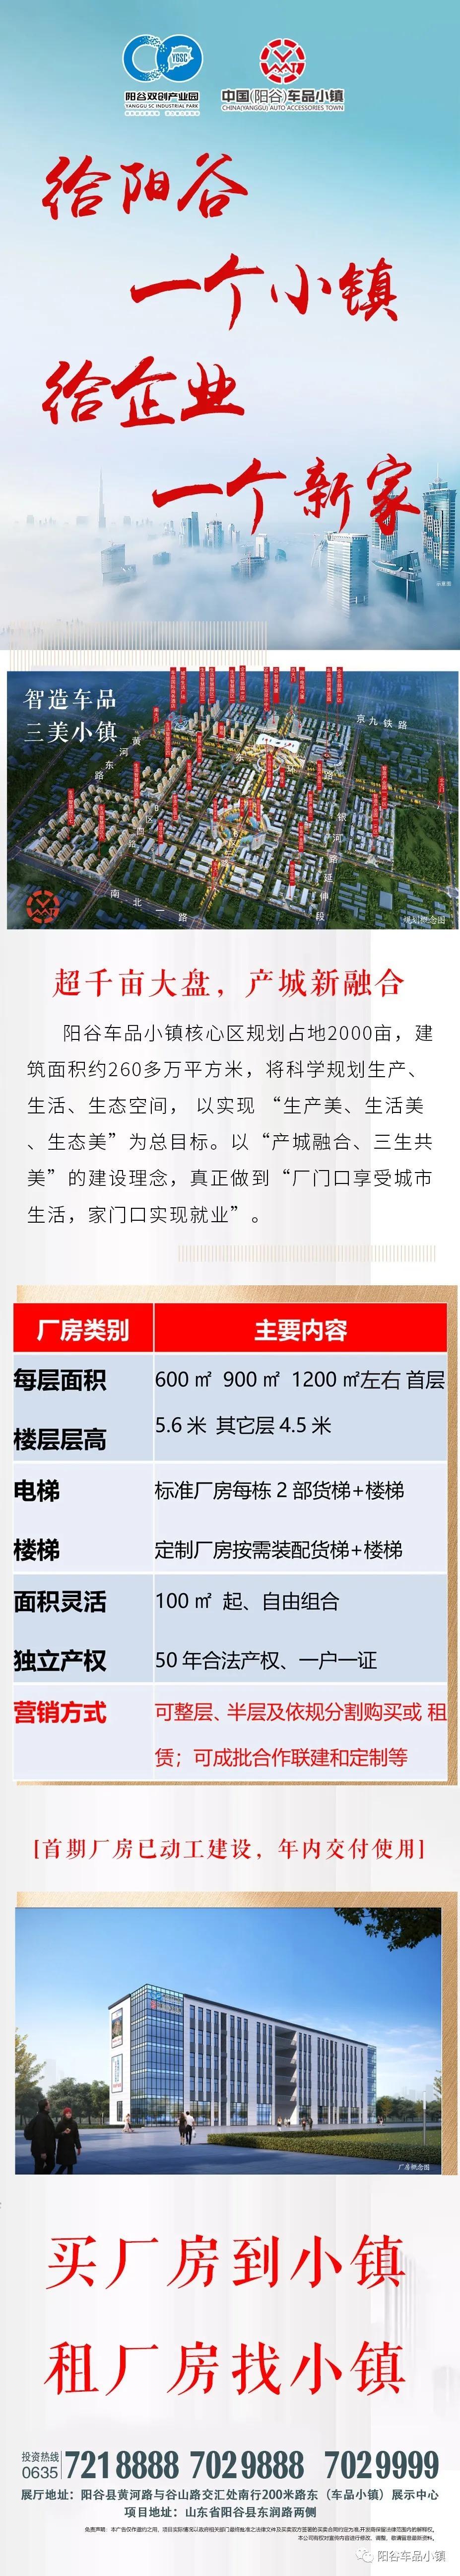 2021新春——中国车品基地第一展 震撼来袭